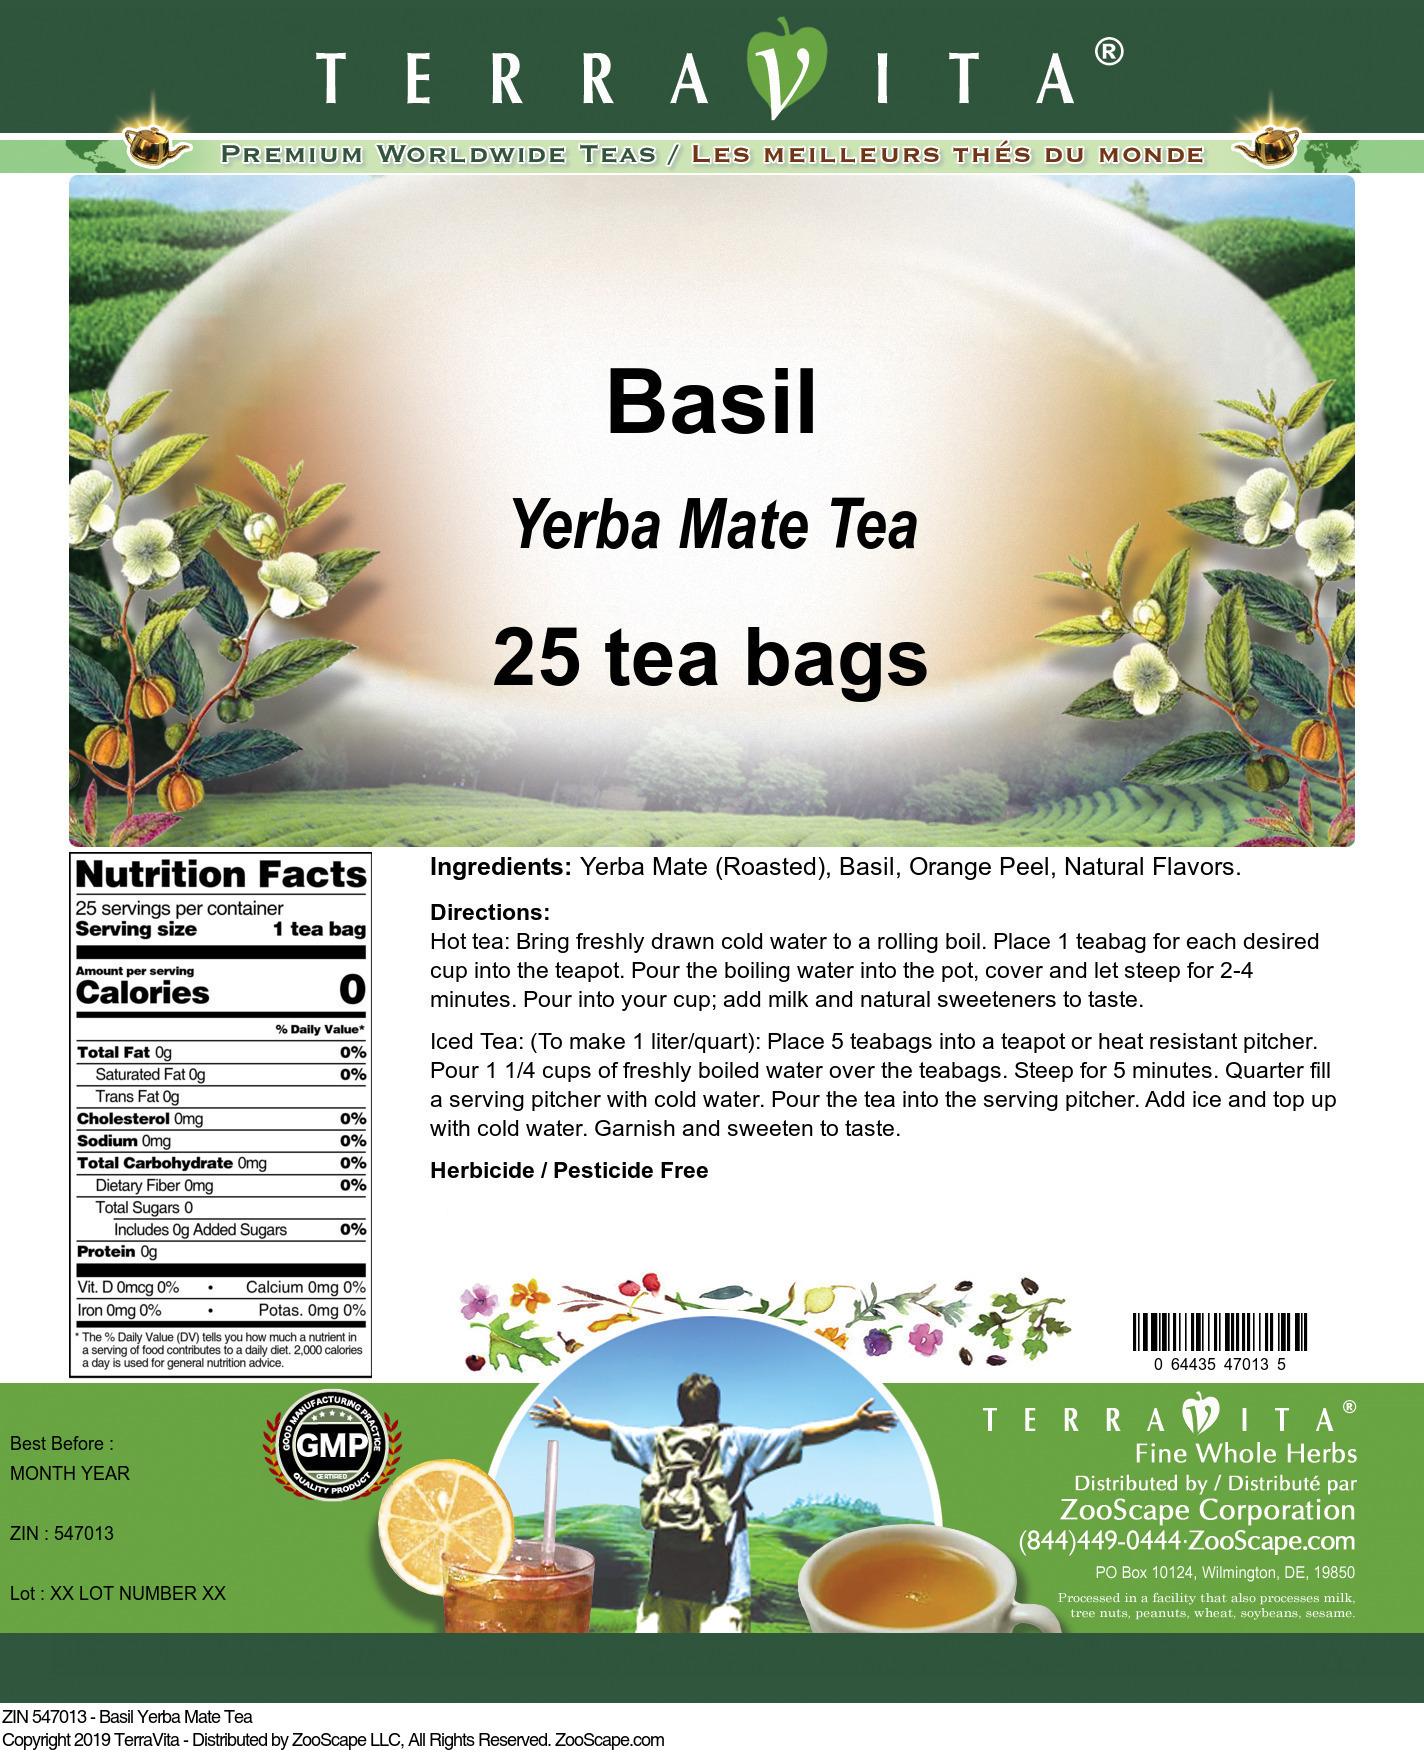 Basil Yerba Mate Tea